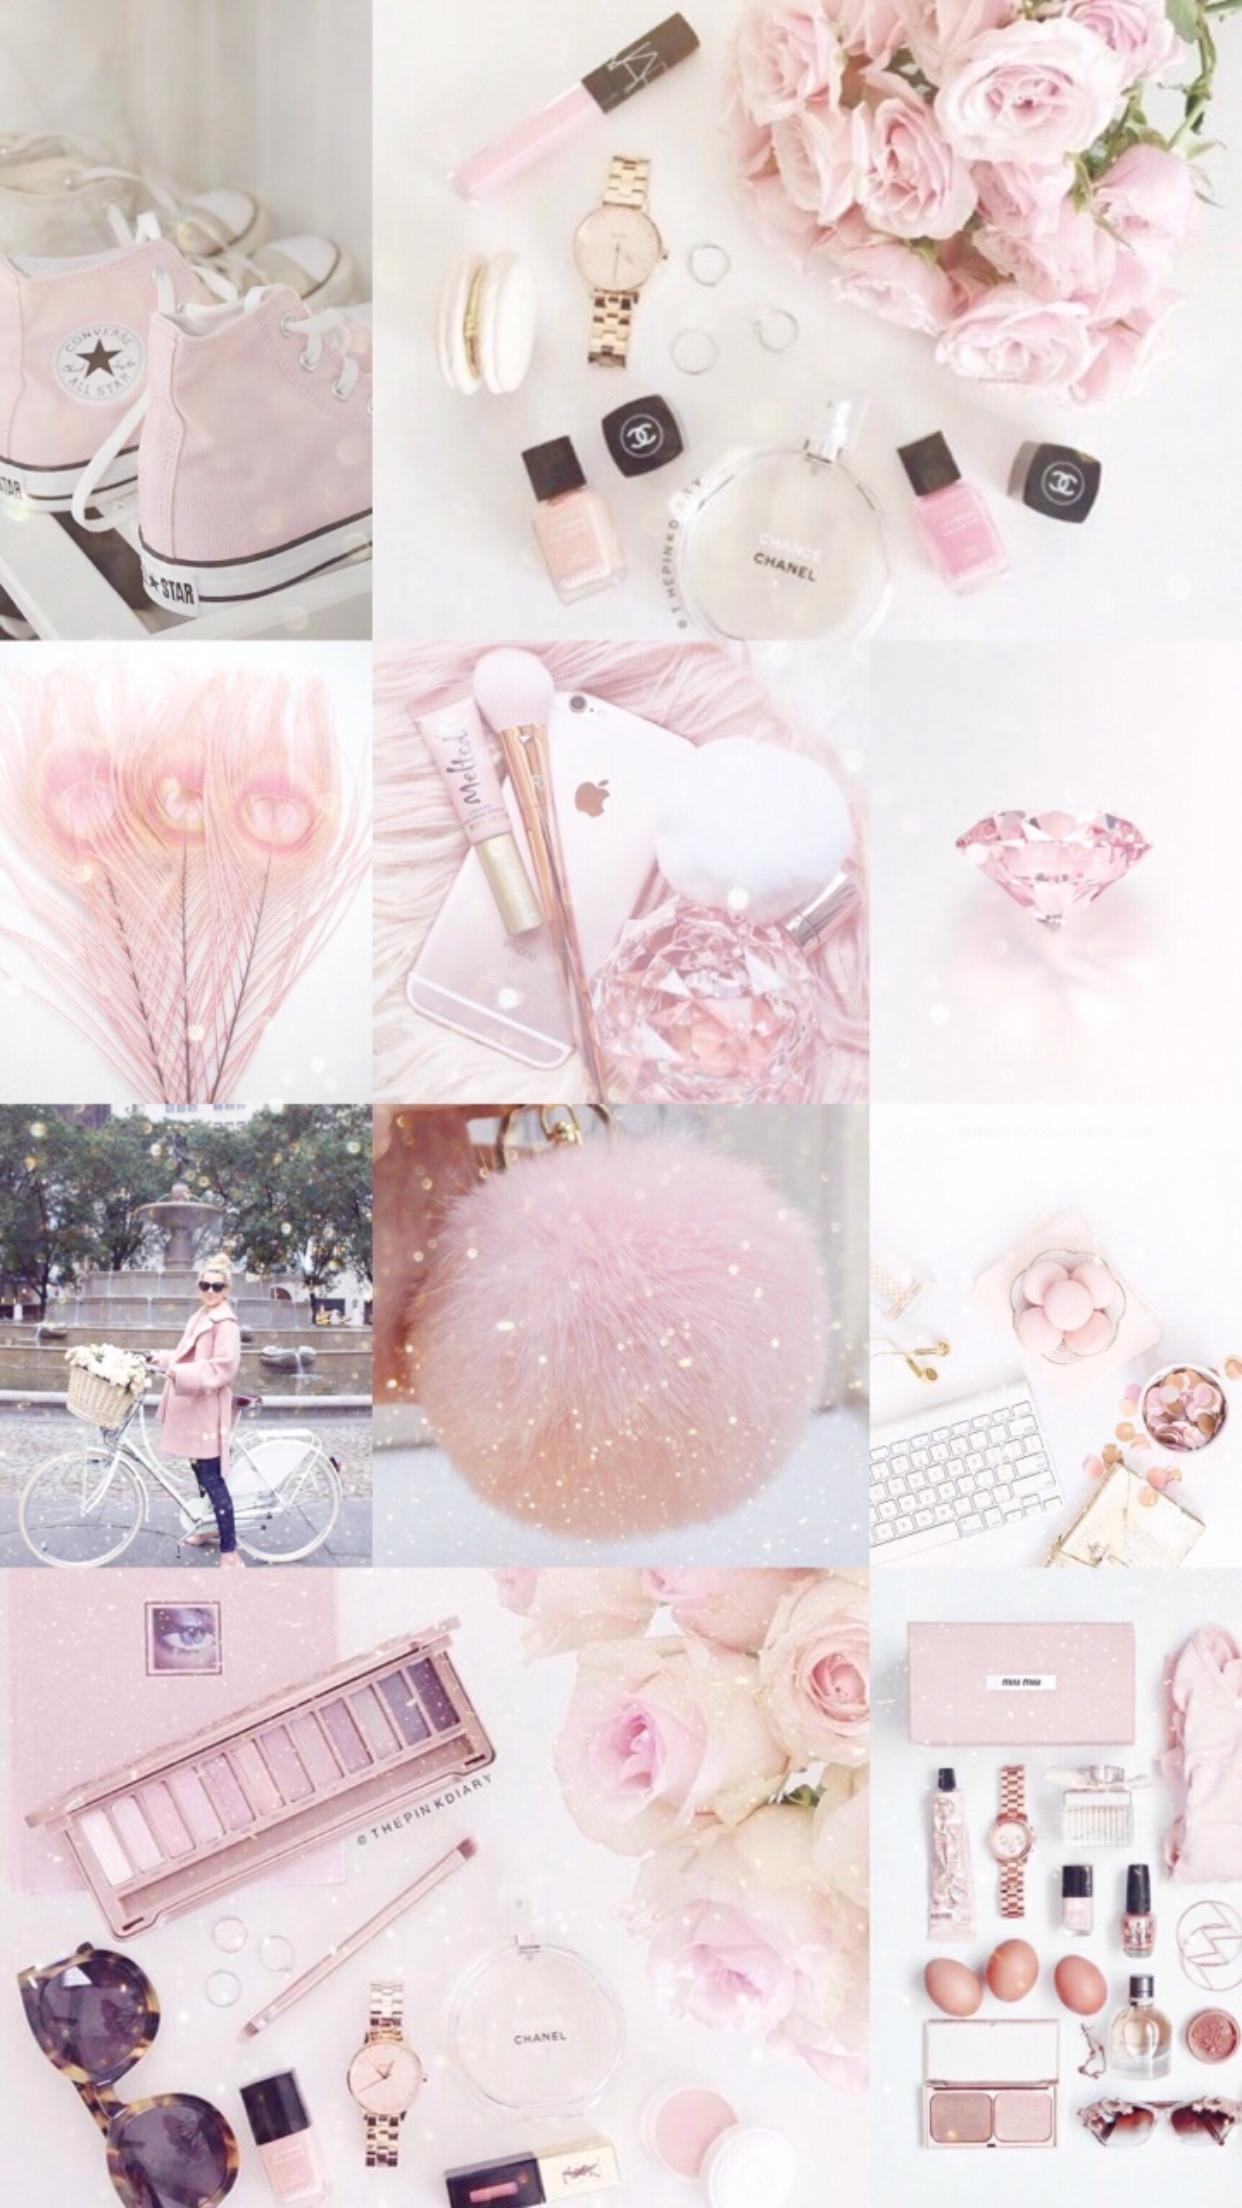 1242x2208, Sweet - Pastel Pink Aesthetic Board - HD Wallpaper